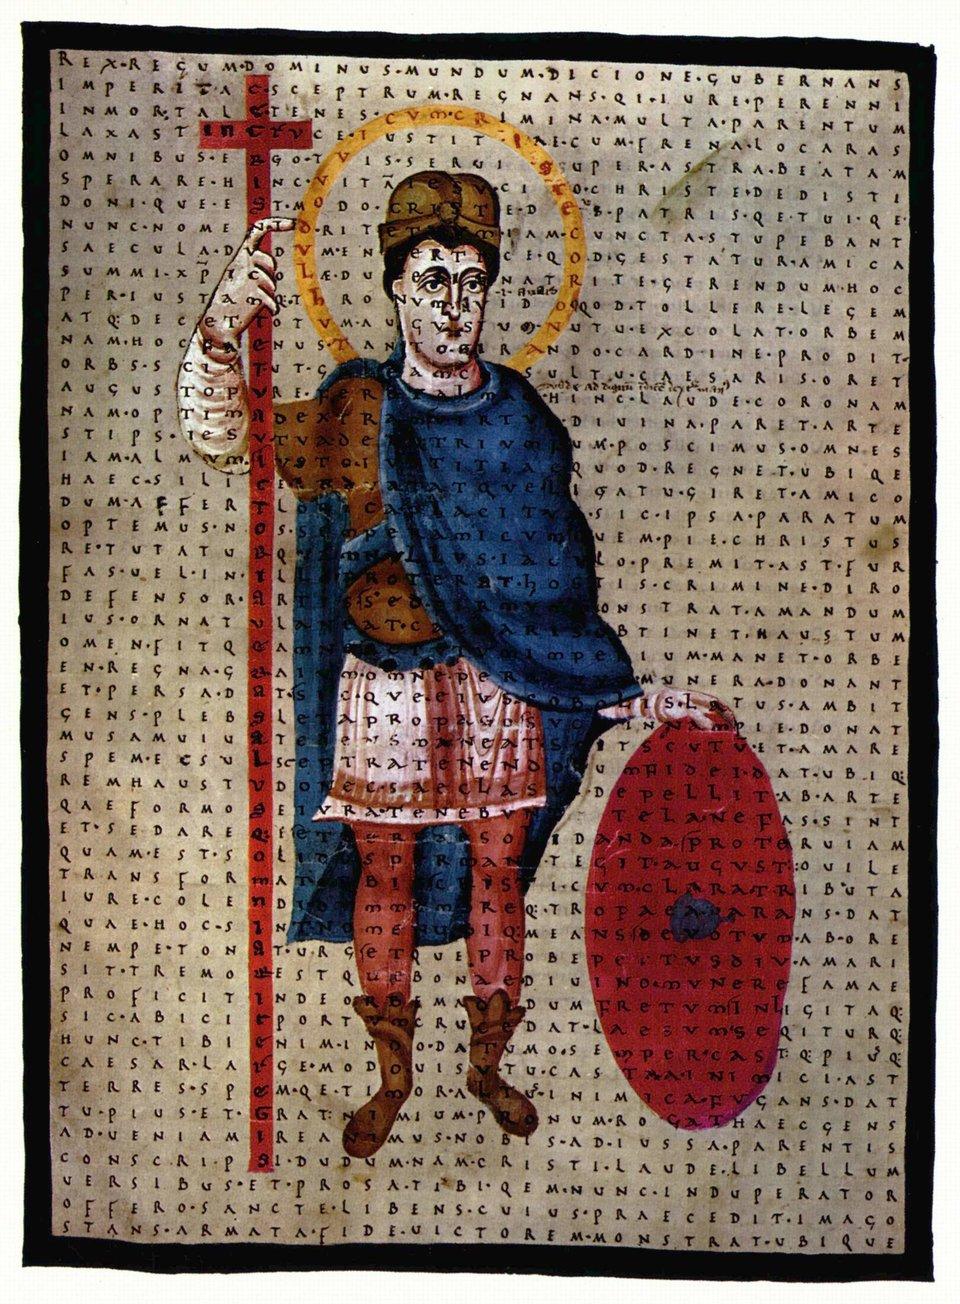 Ludwik Pobożny jako obrońca Krzyża Źródło: Ludwik Pobożny jako obrońca Krzyża, domena publiczna, [online], dostępny winternecie: wikimedia.